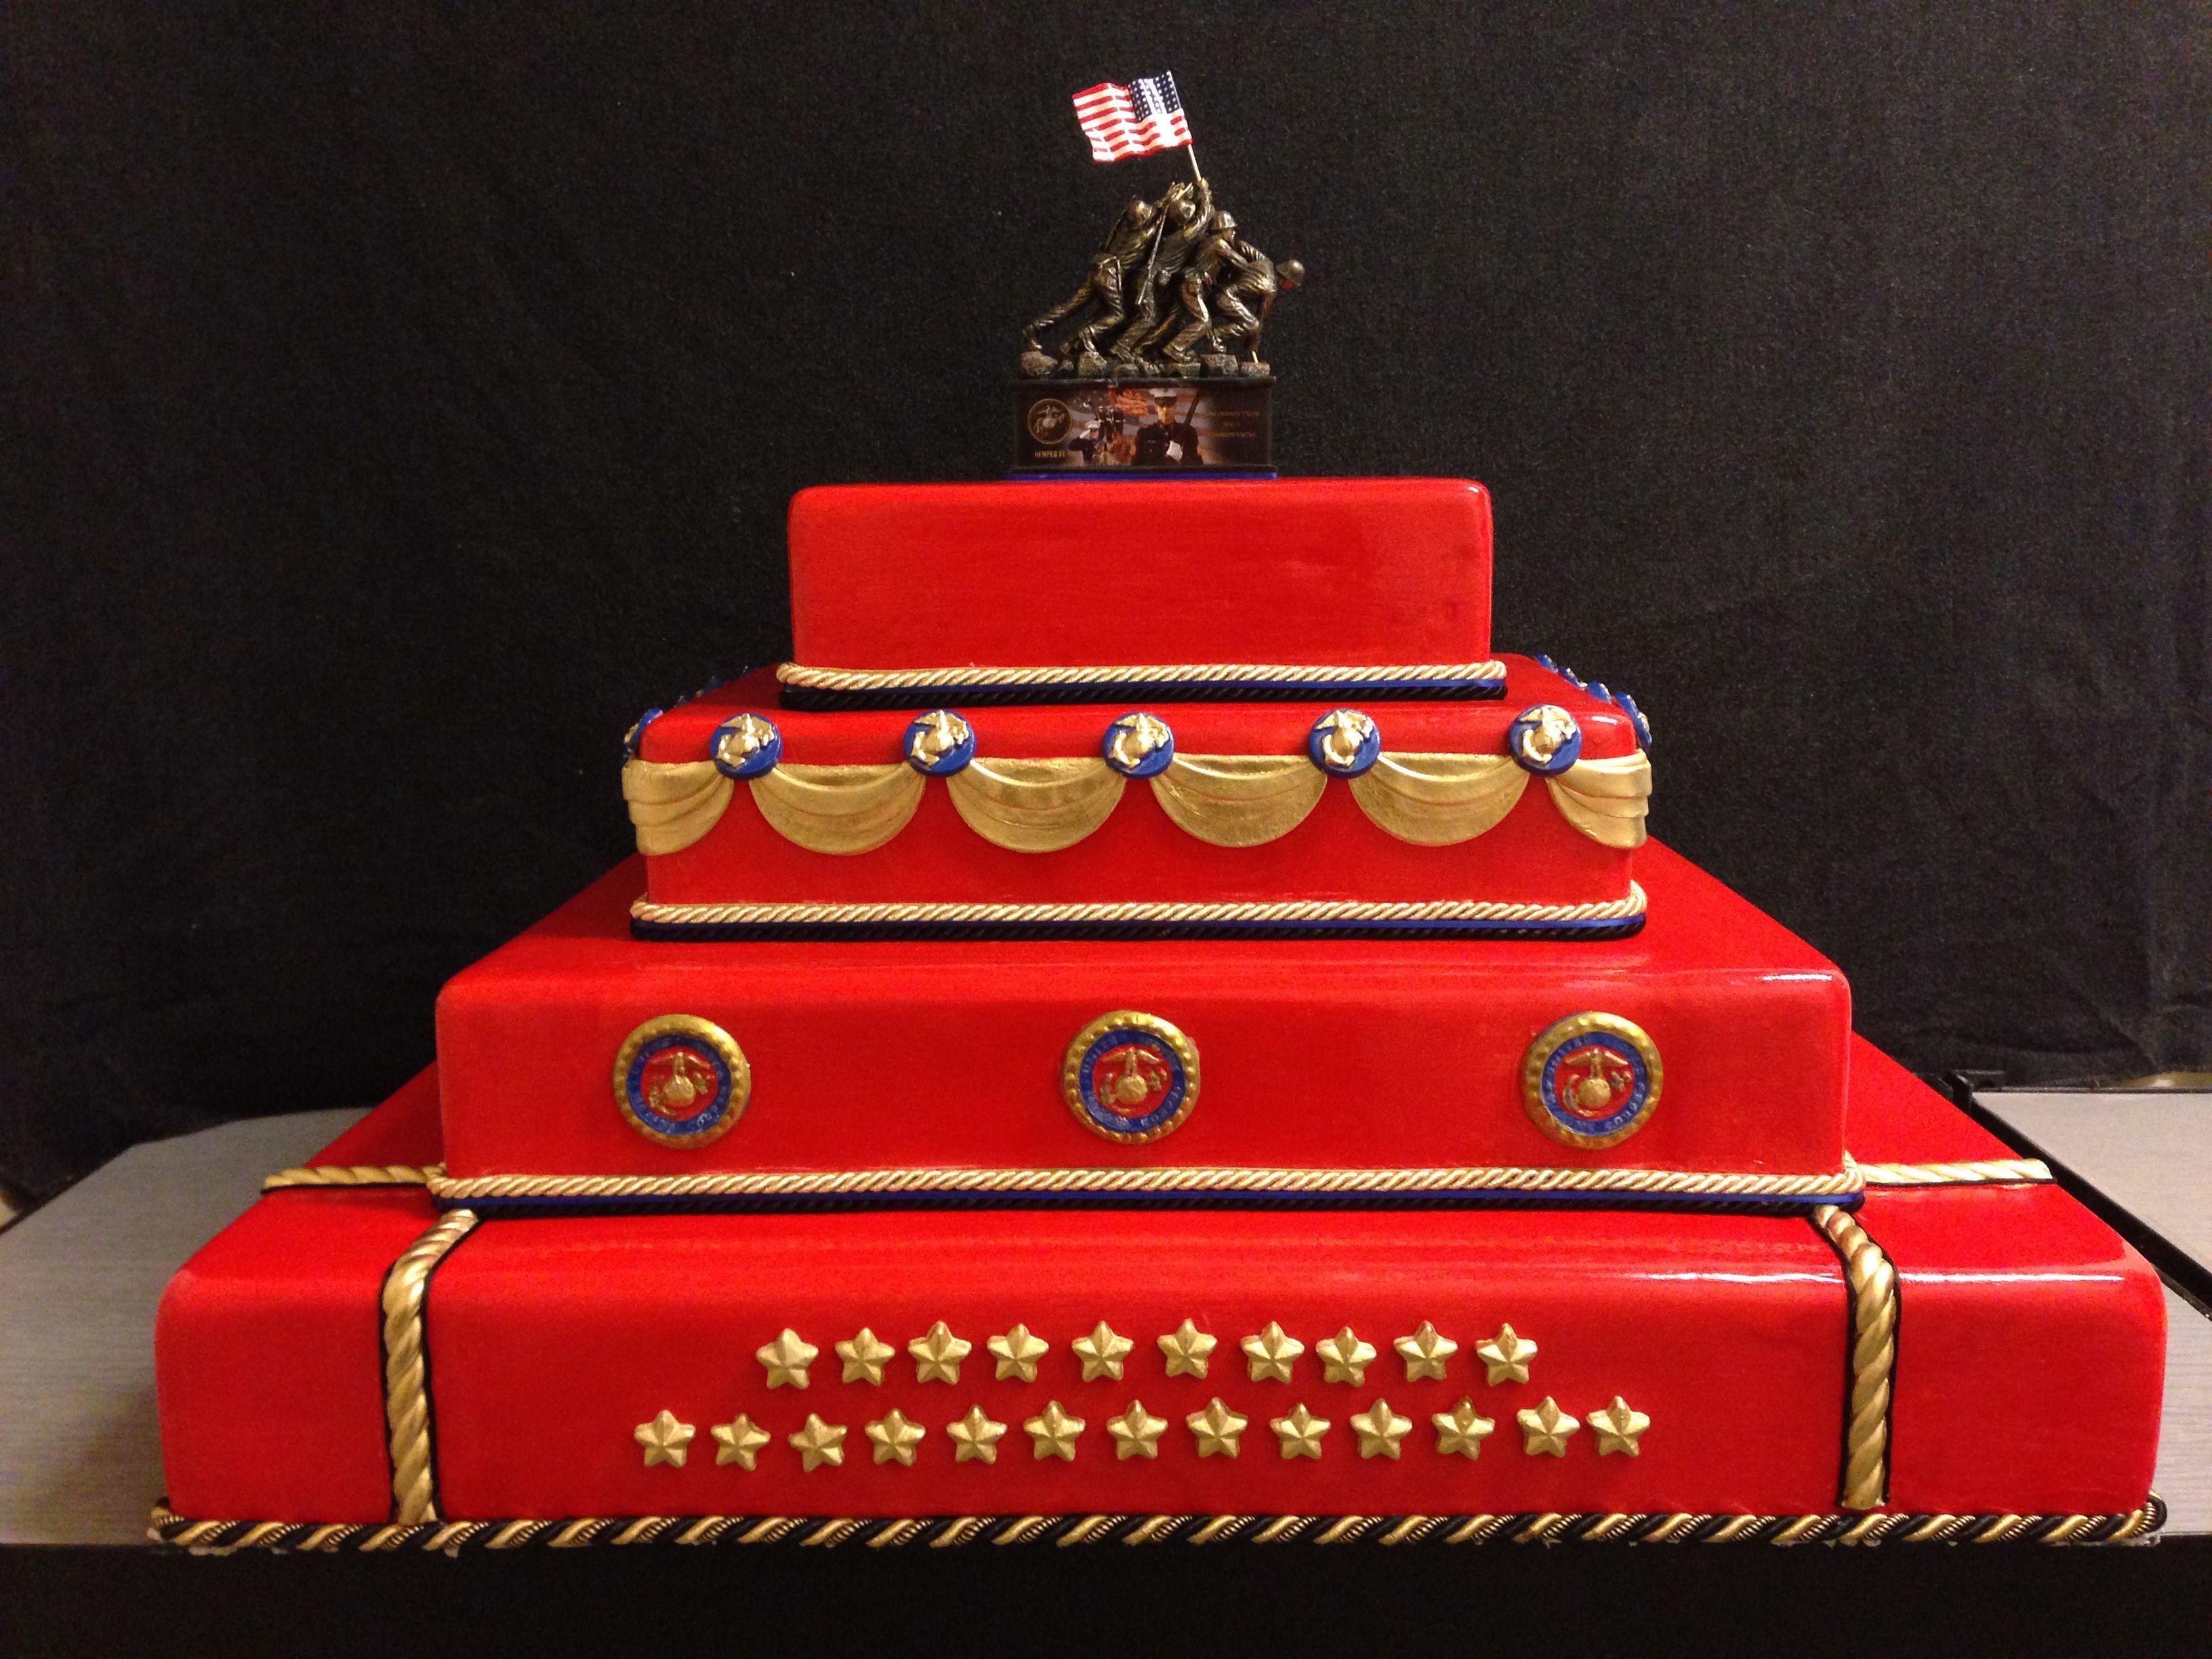 Marine Corp birthday cake by Marine